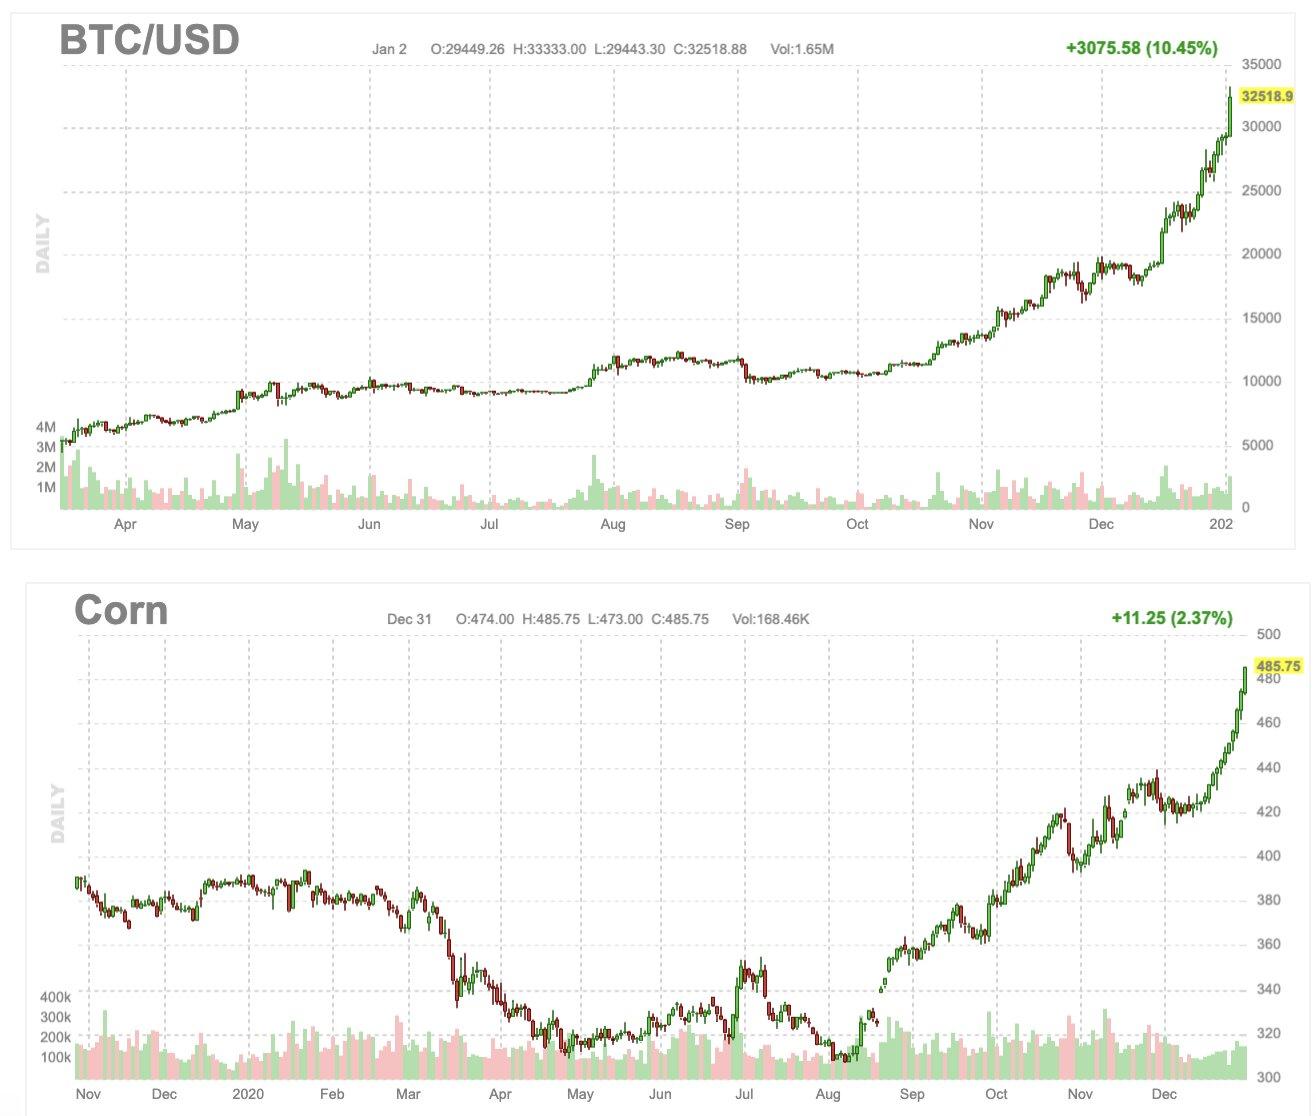 Corn vs. Bitcoin